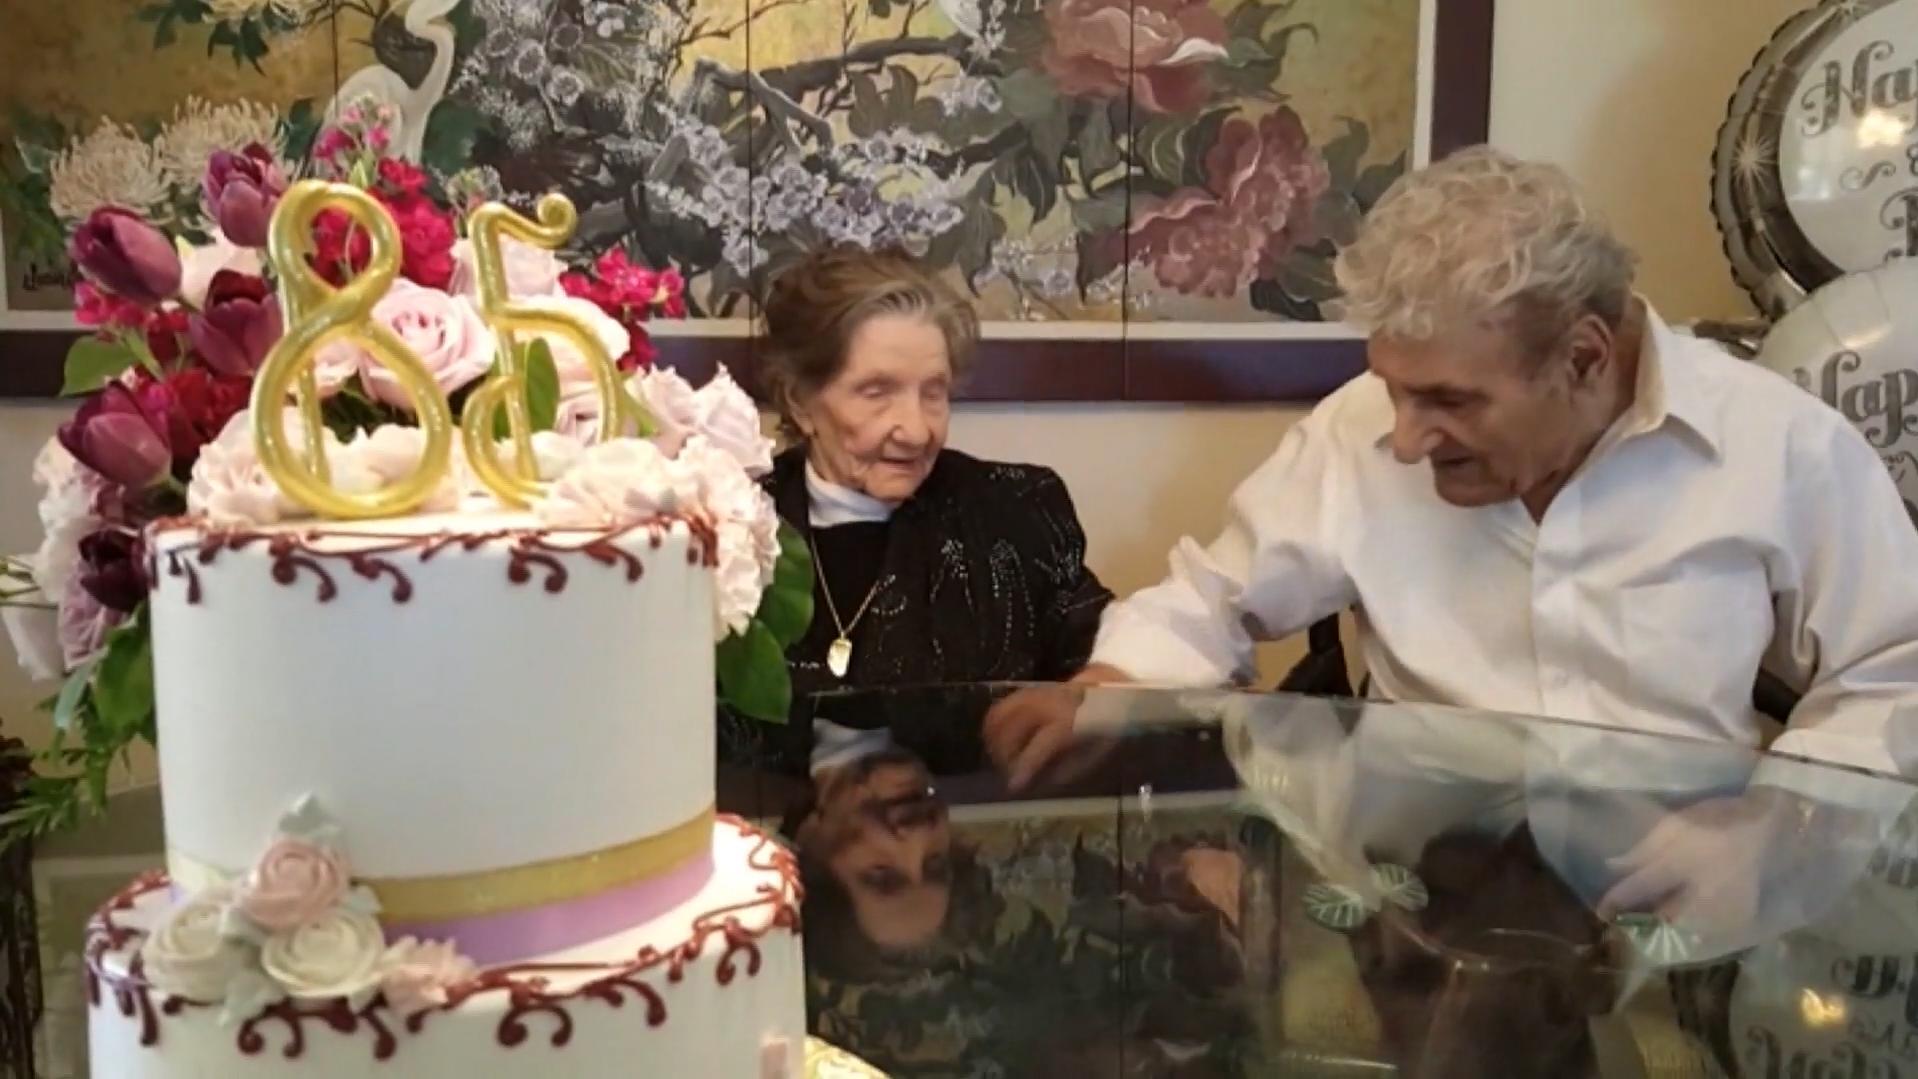 85 Jahre verheiratet: Das ist das älteste Ehepaar Amerikas